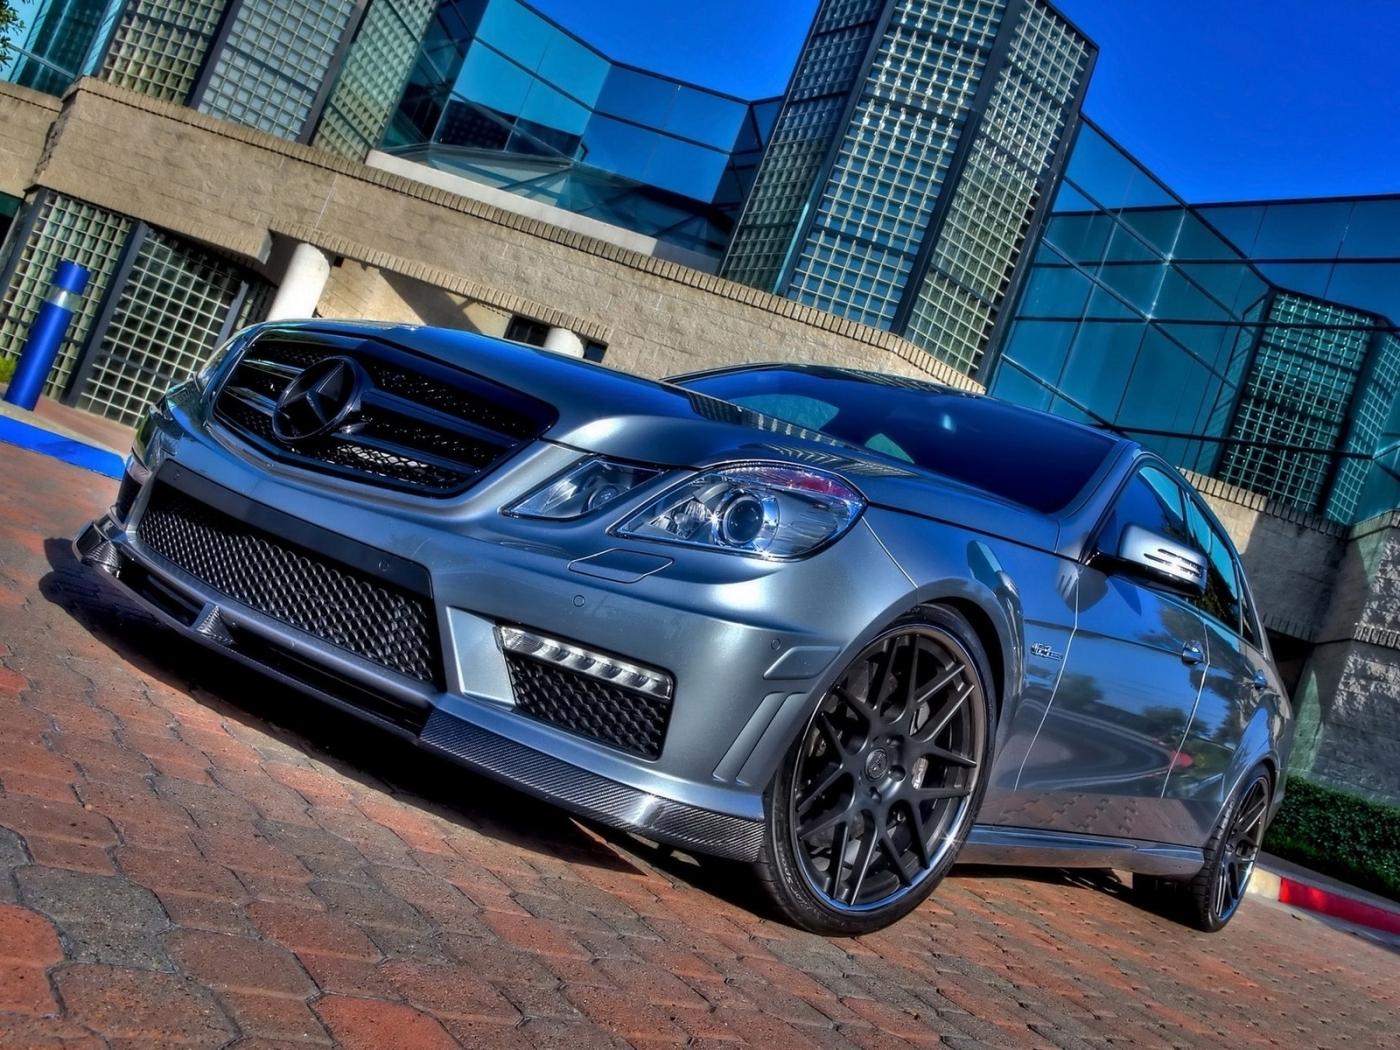 44103 скачать обои Транспорт, Машины, Мерседес (Mercedes) - заставки и картинки бесплатно